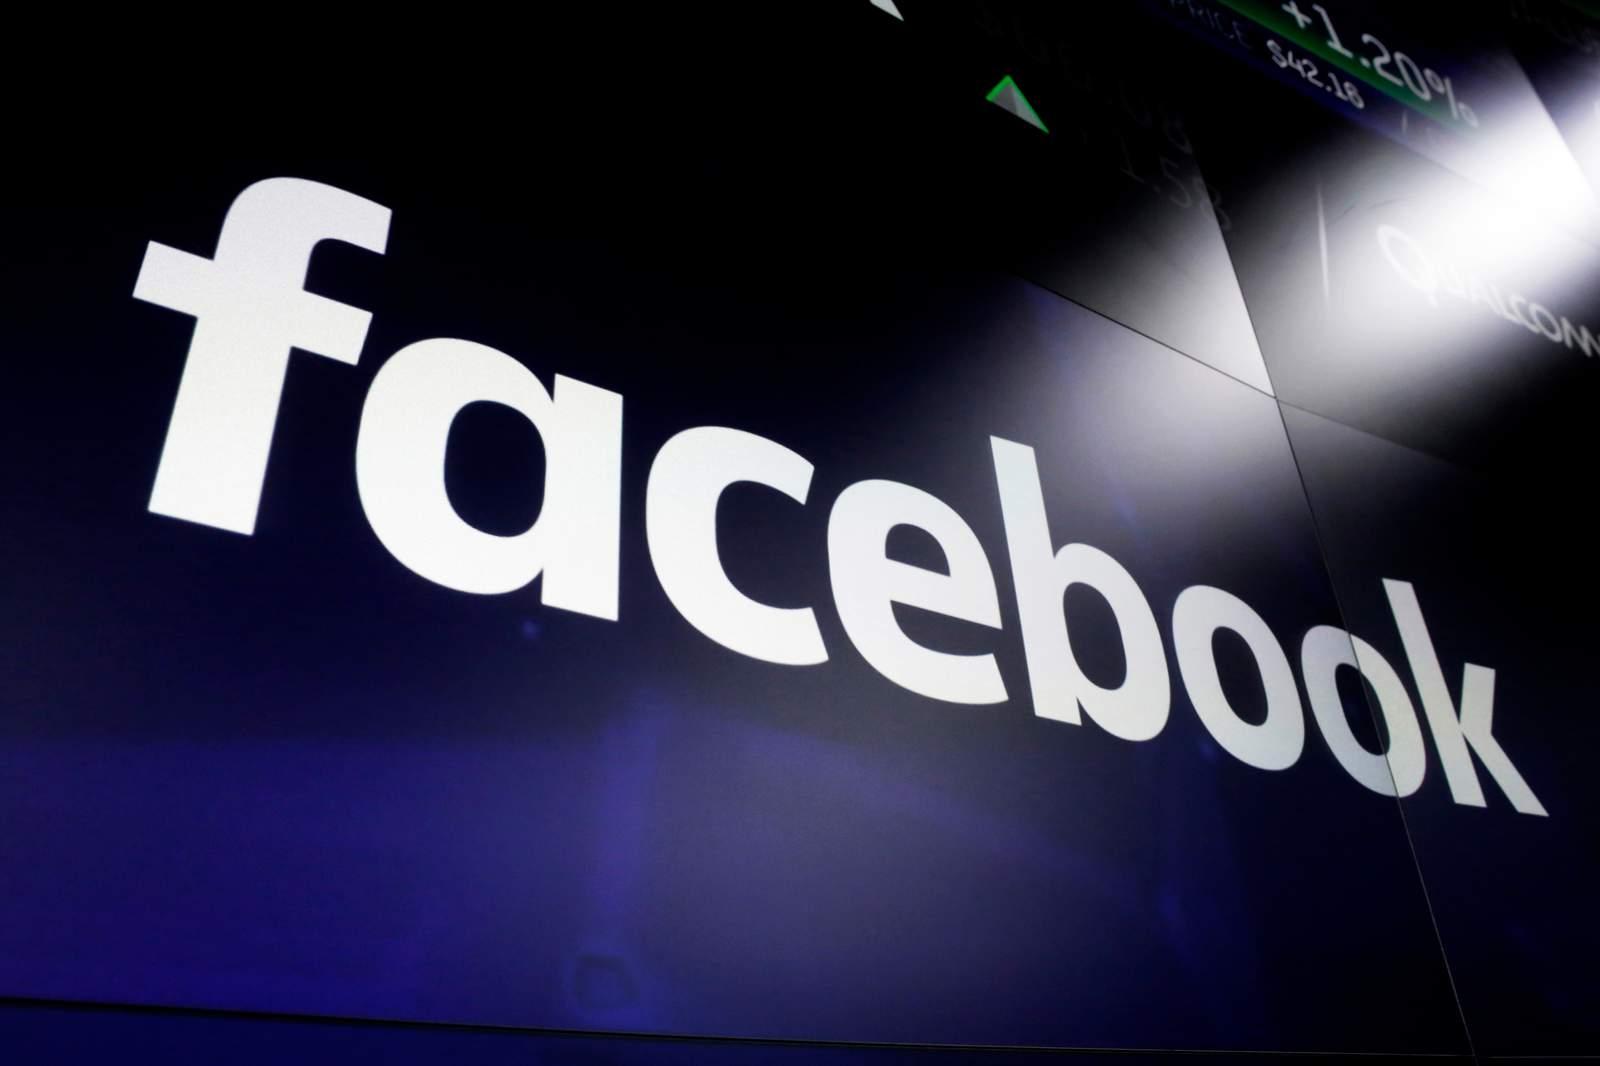 Cách để tránh Facebook theo dõi, kể cả khi offline